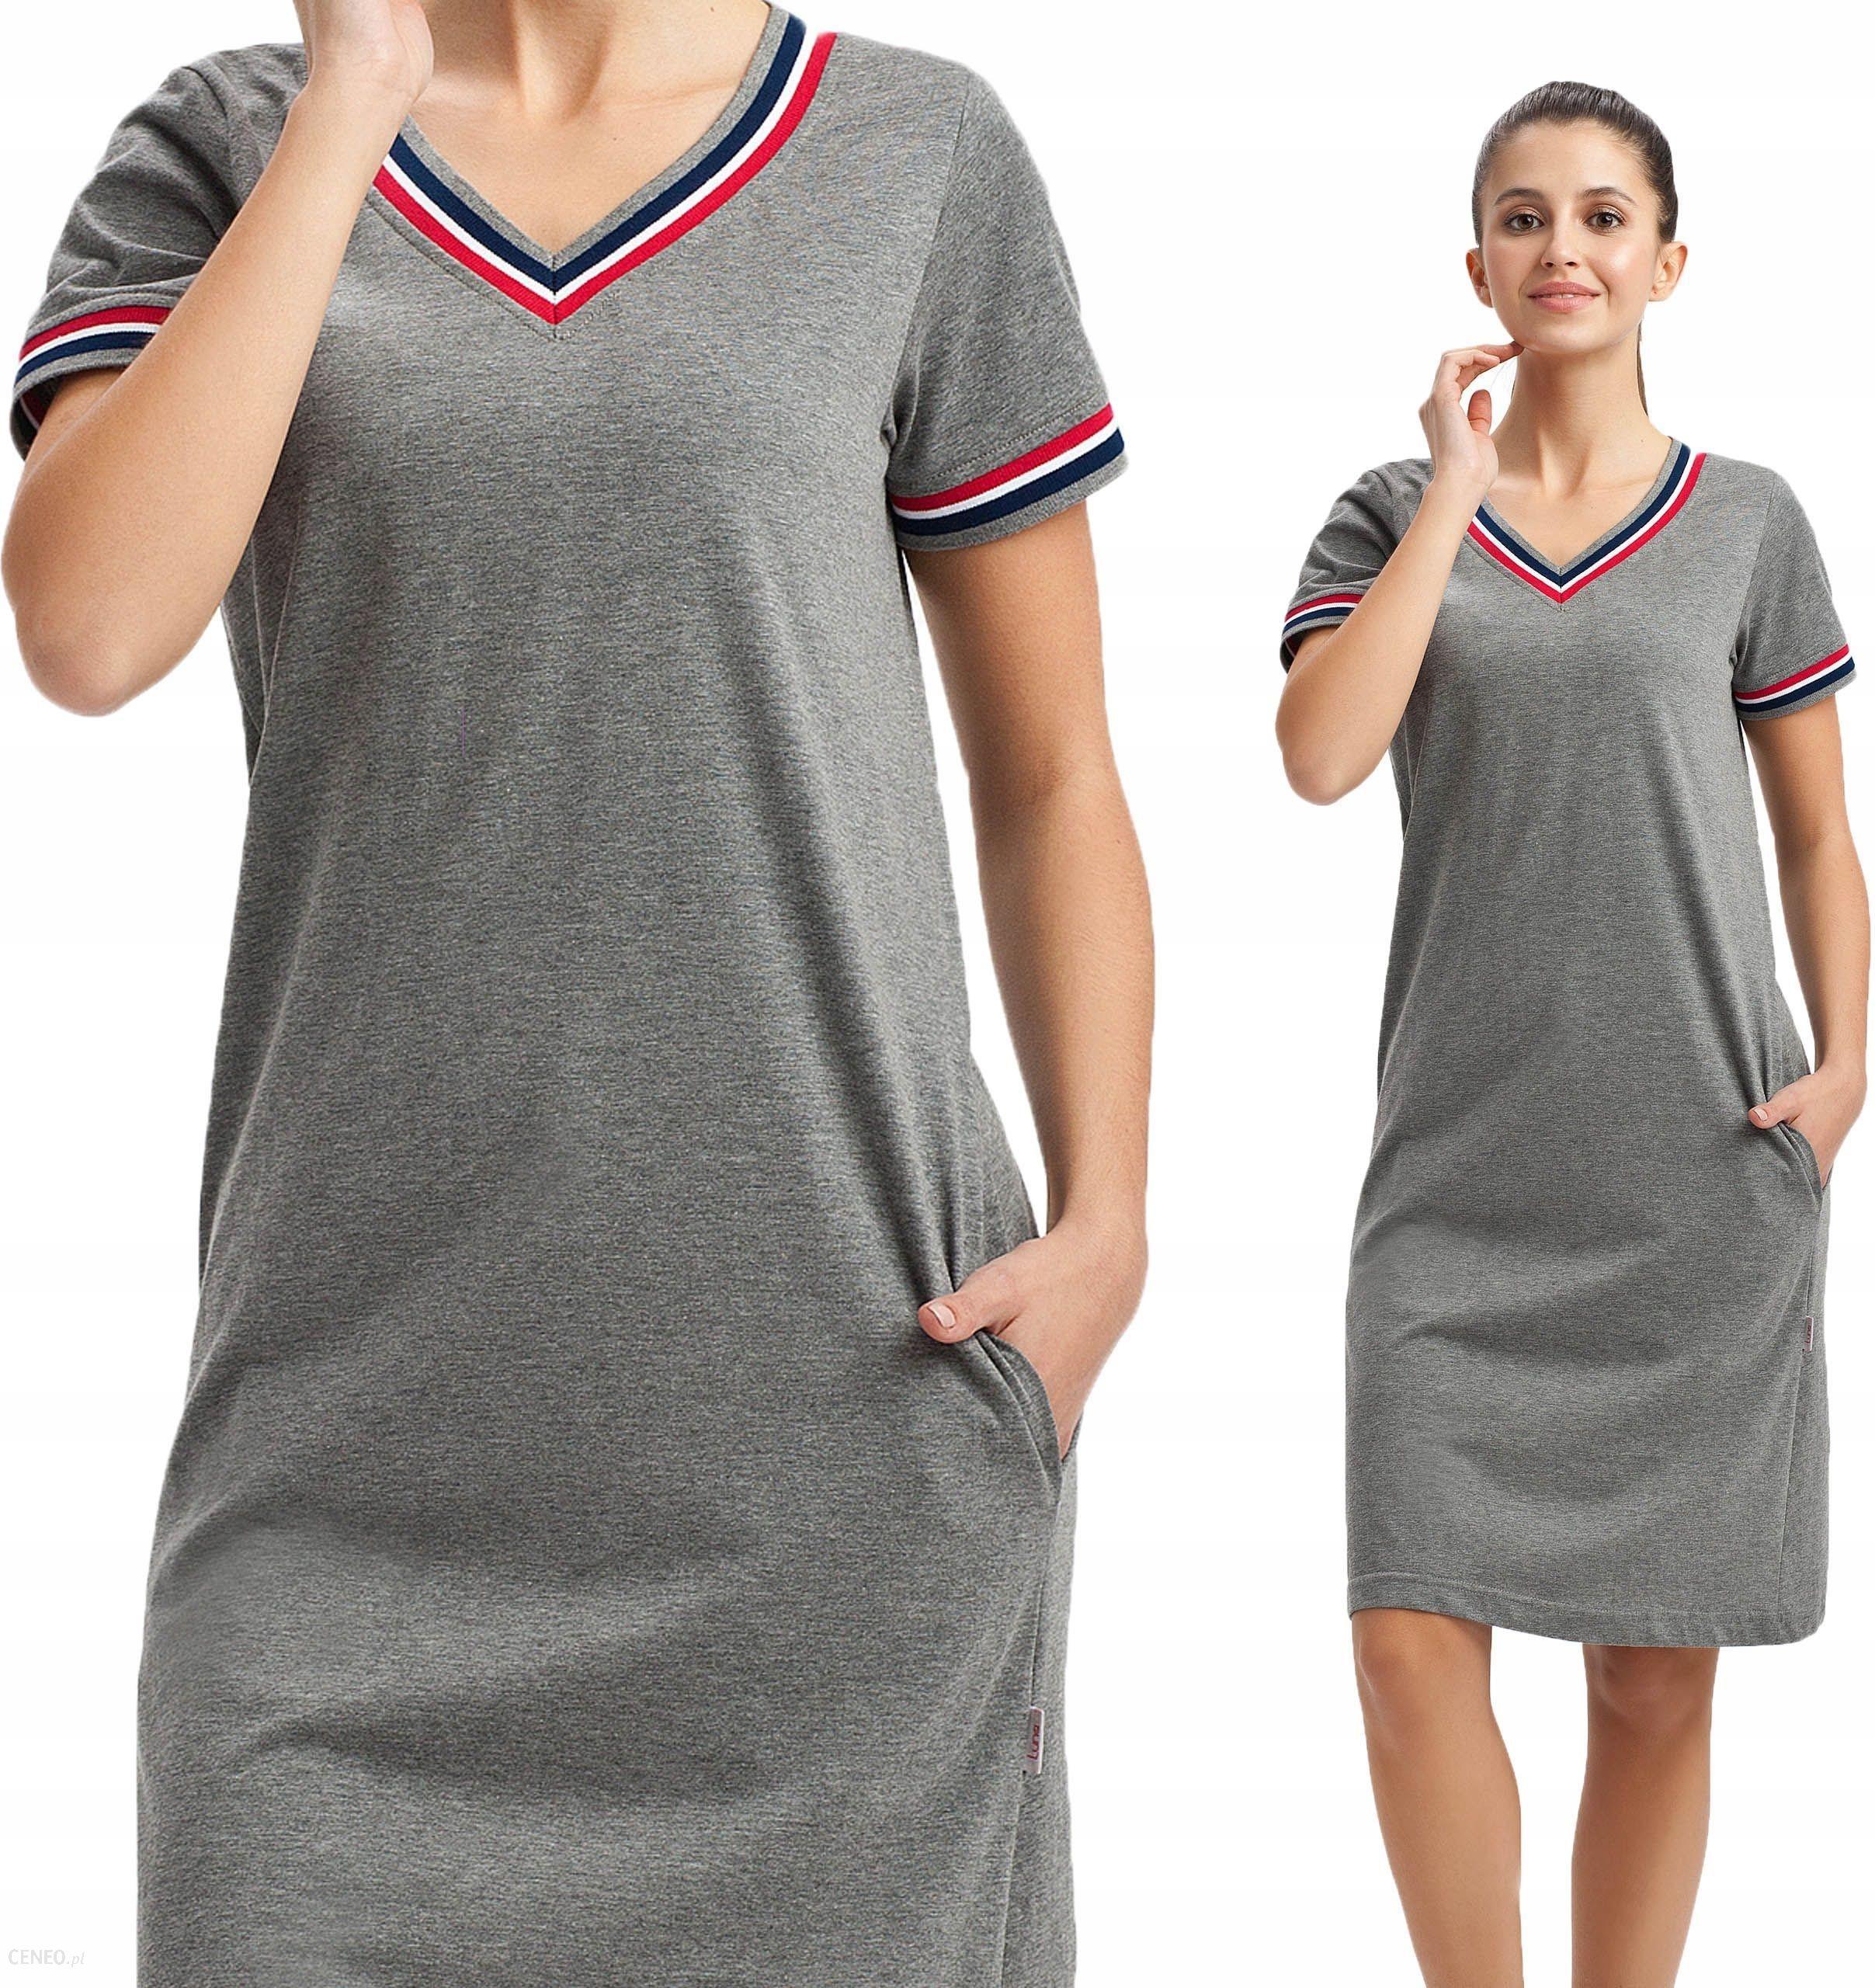 0c2cac67dab2b8 248 Luna koszulka nocna do kolan z kieszeniami - Ceny i opinie ...